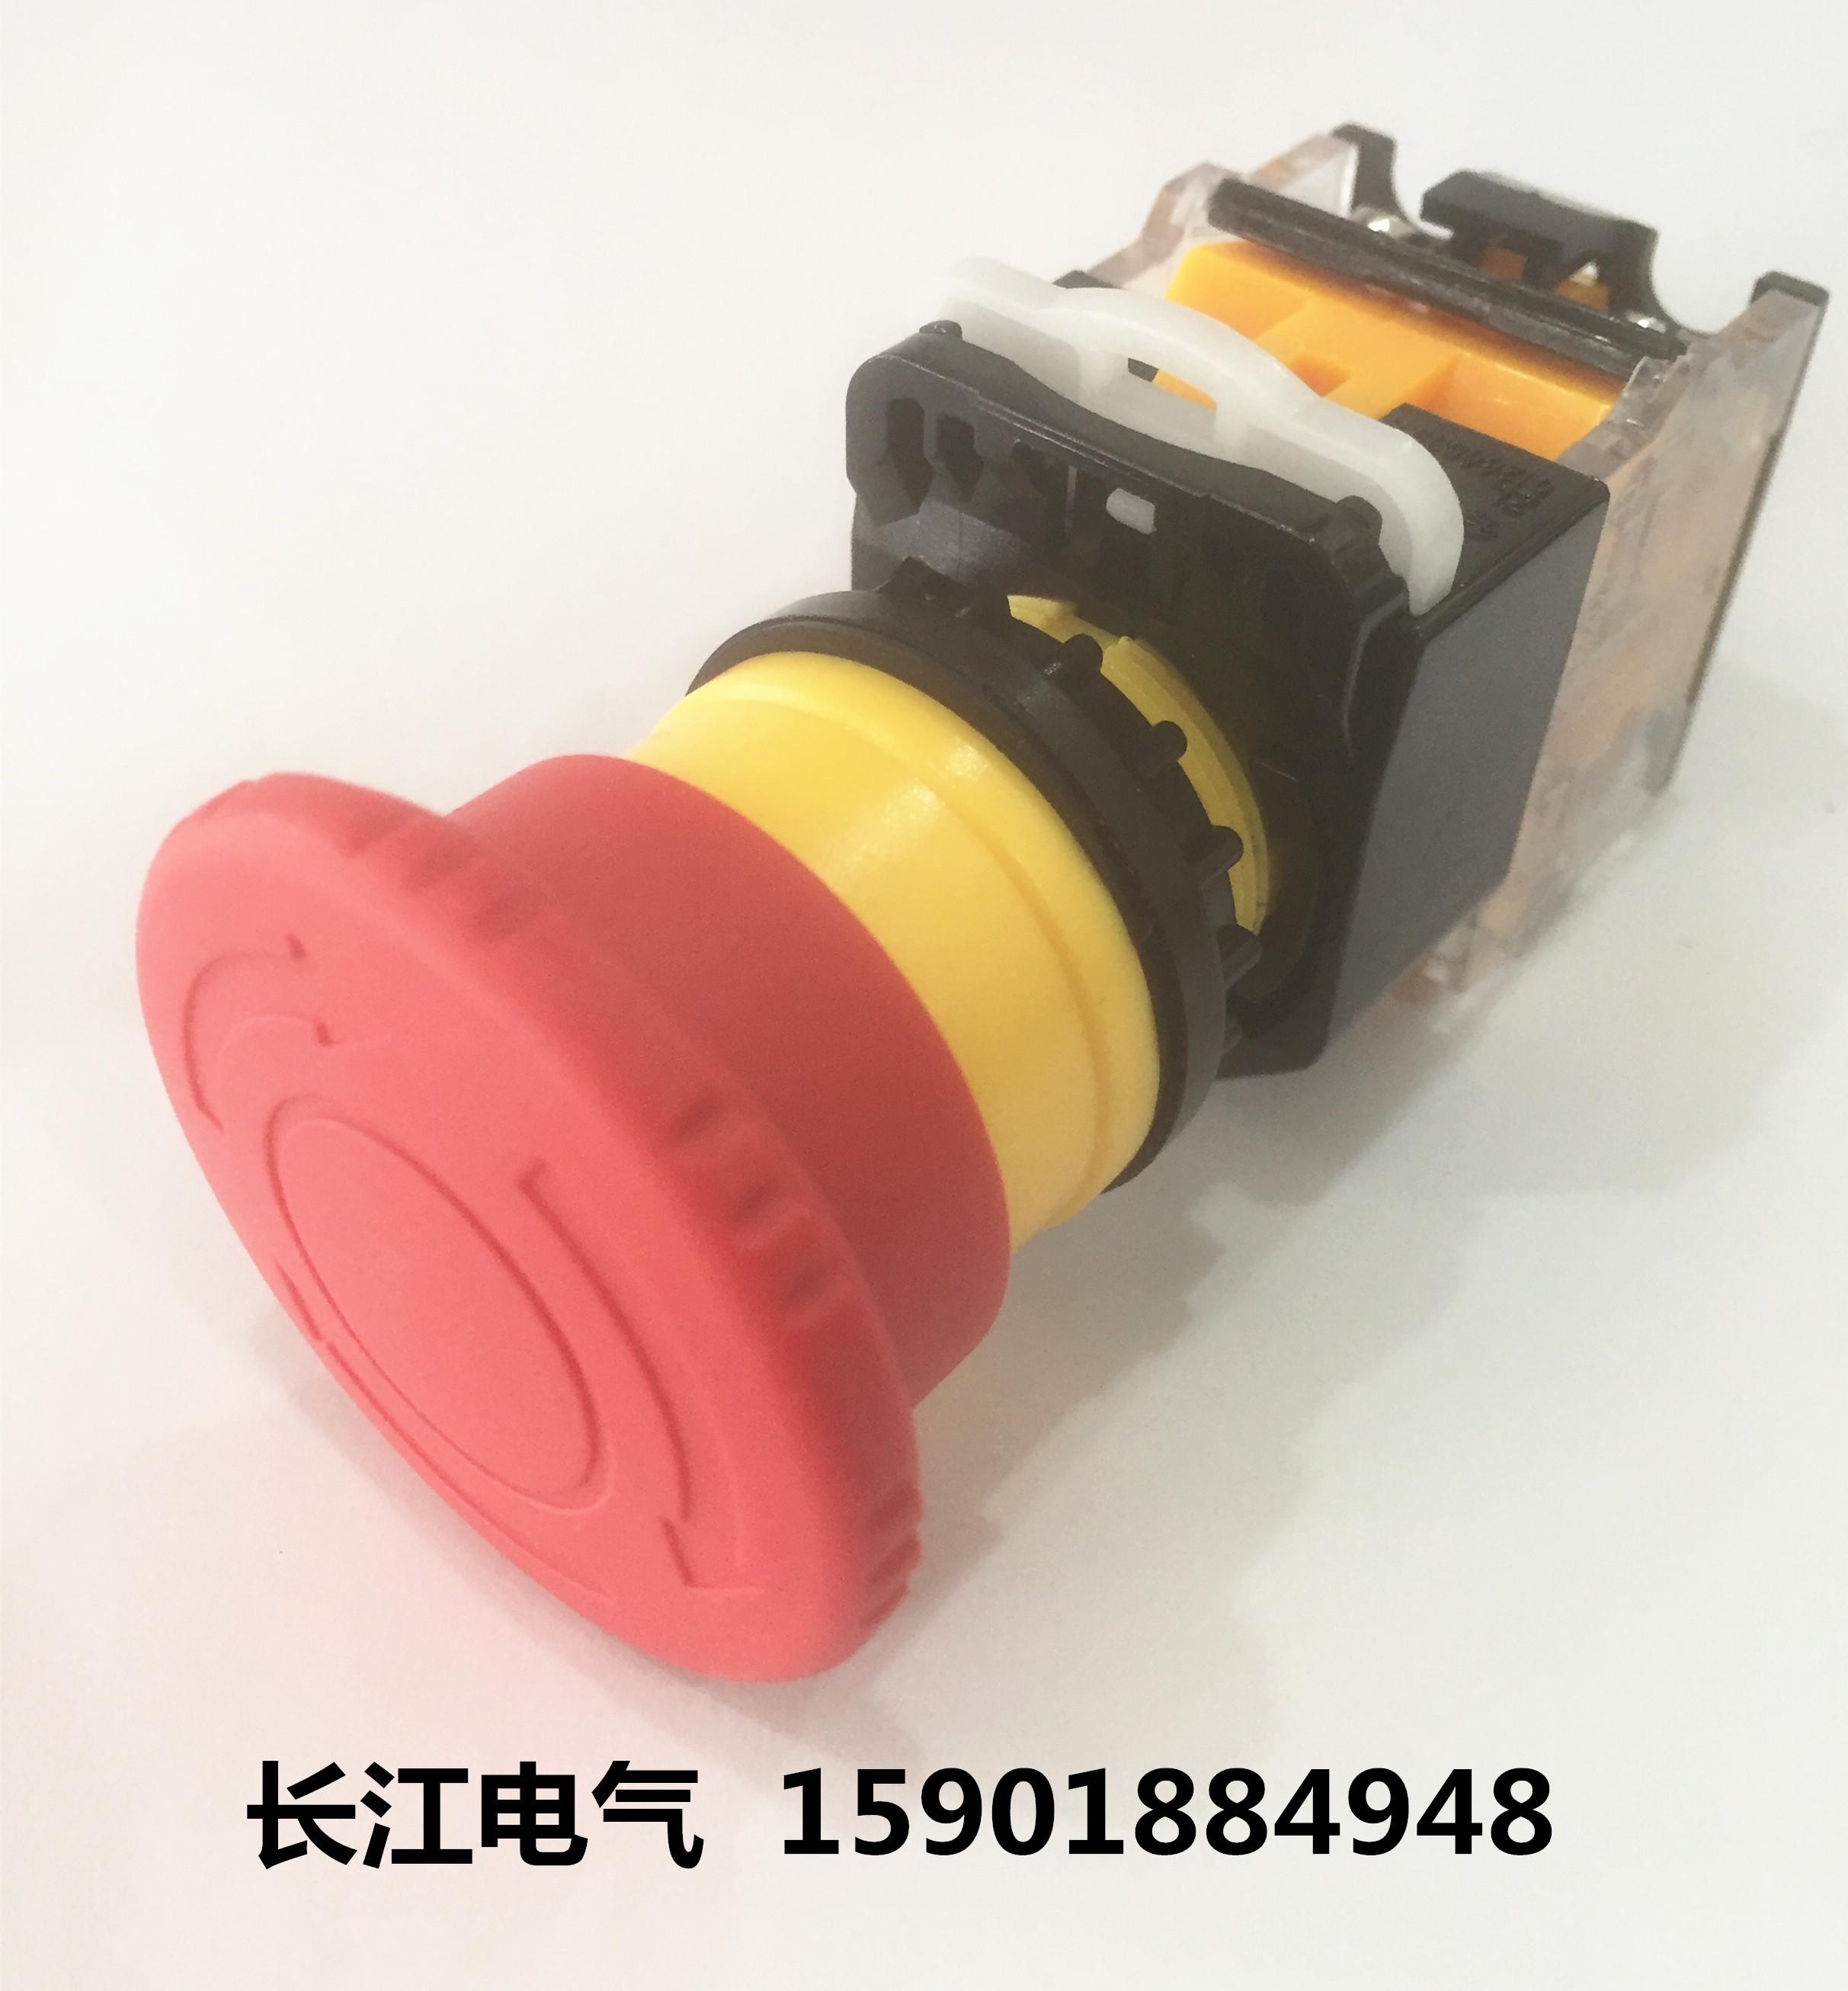 江陰長江電器 急停按鈕 轉動復位 LA38-11Mxs/203